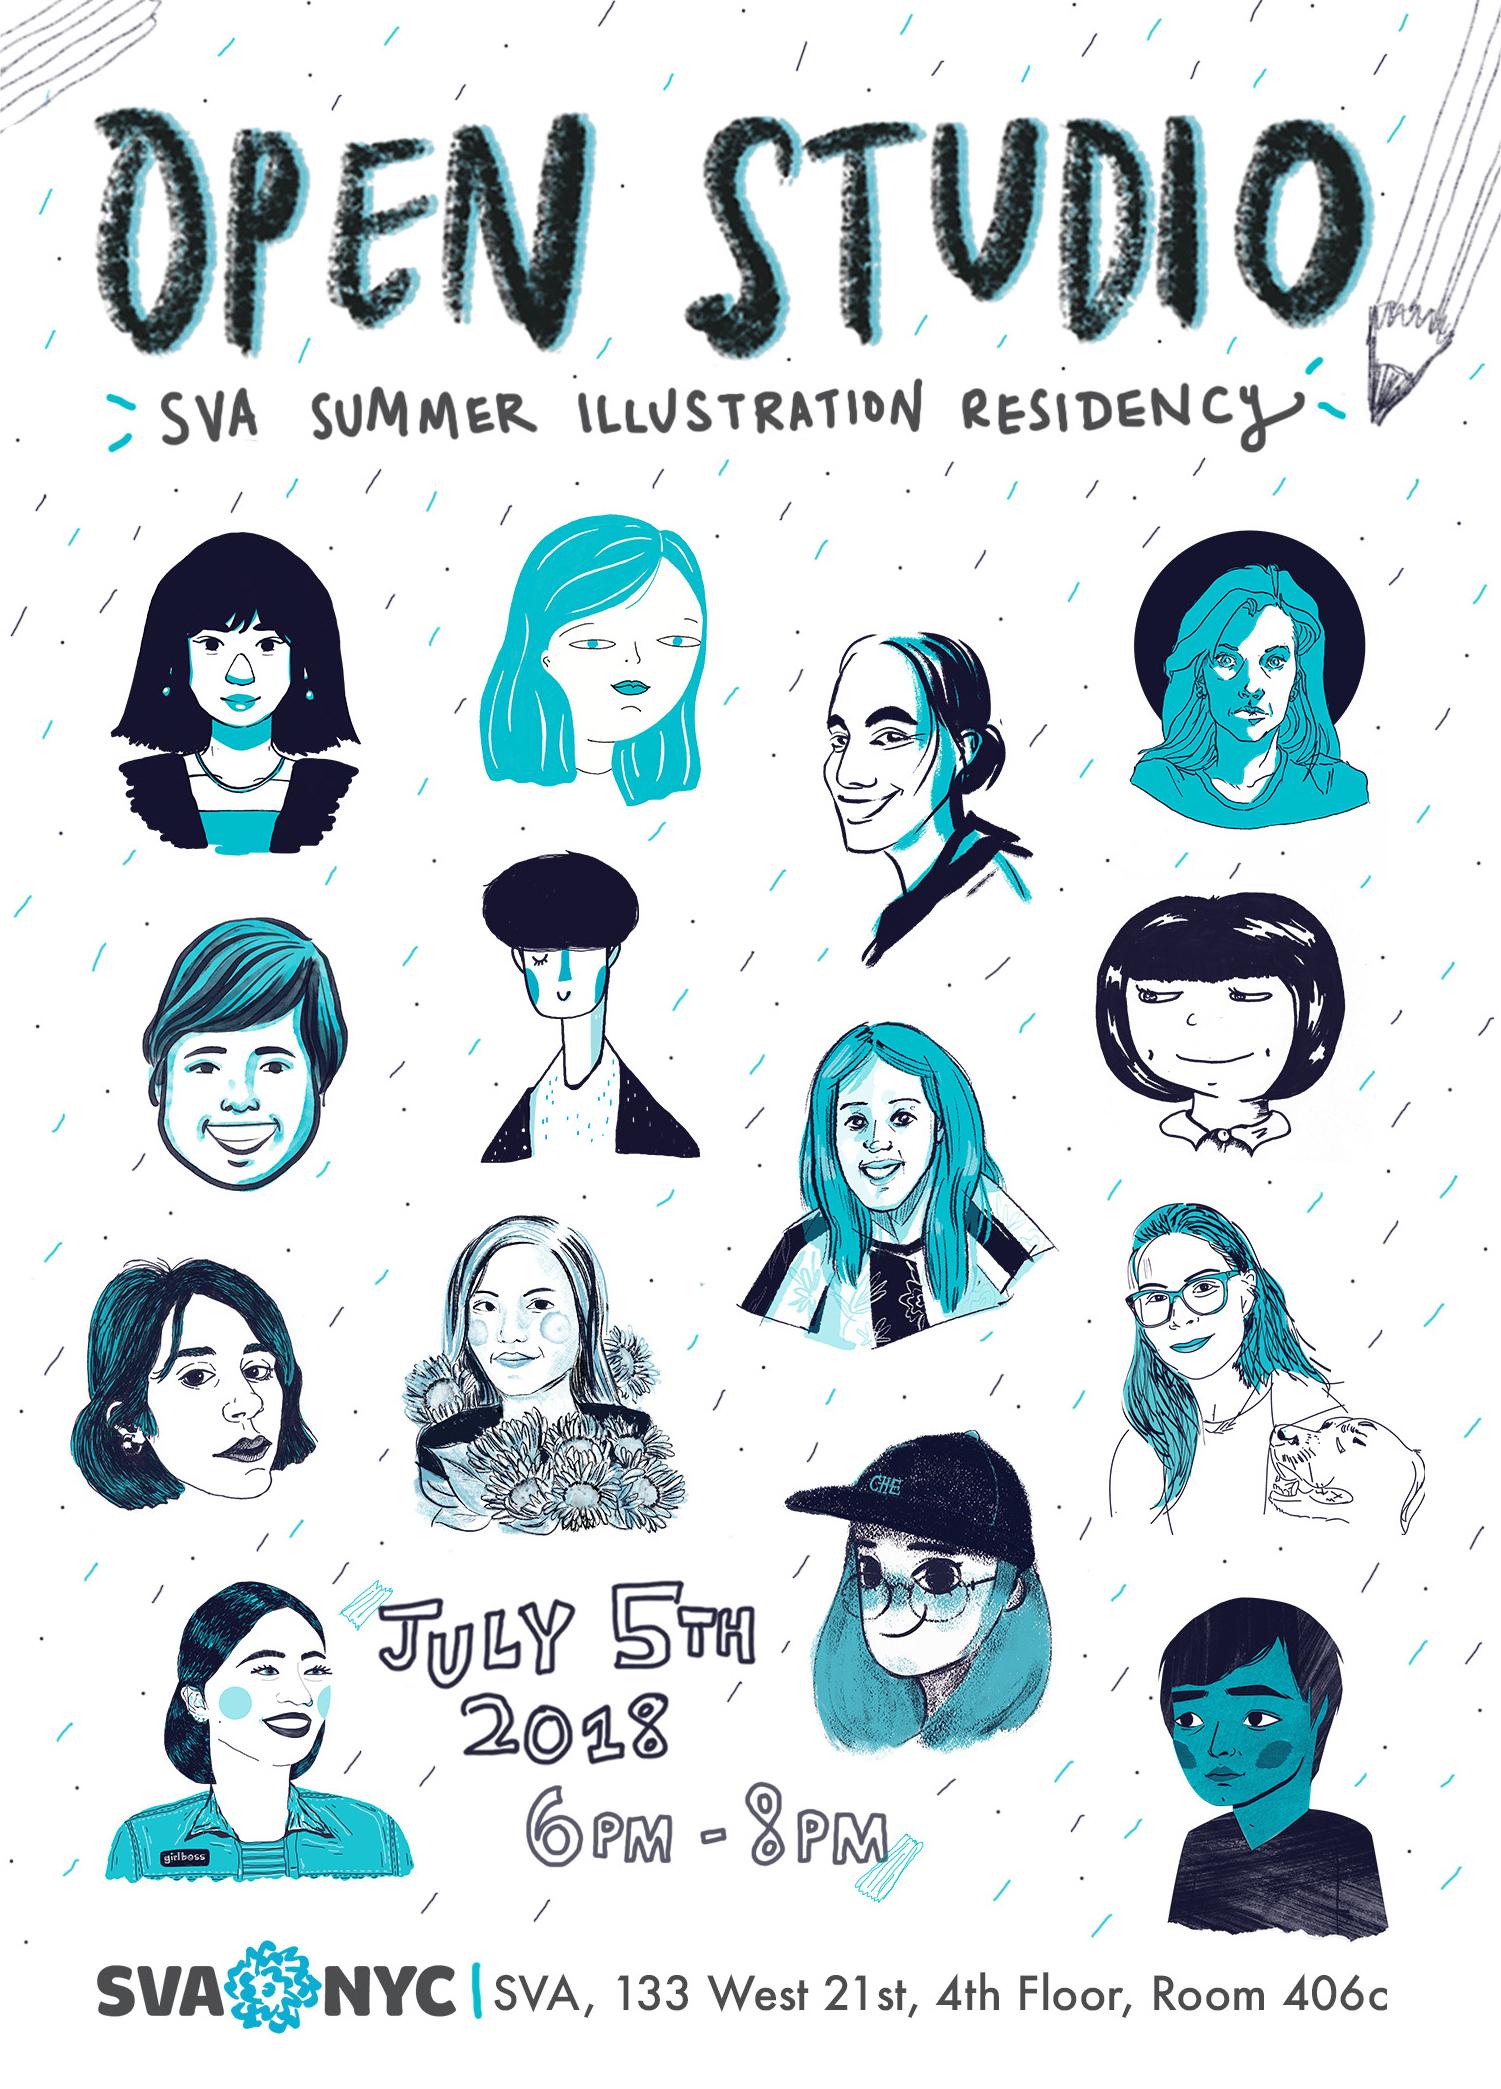 2018-06-19 SVA Summer Illustration Residency Postcard-1.jpg